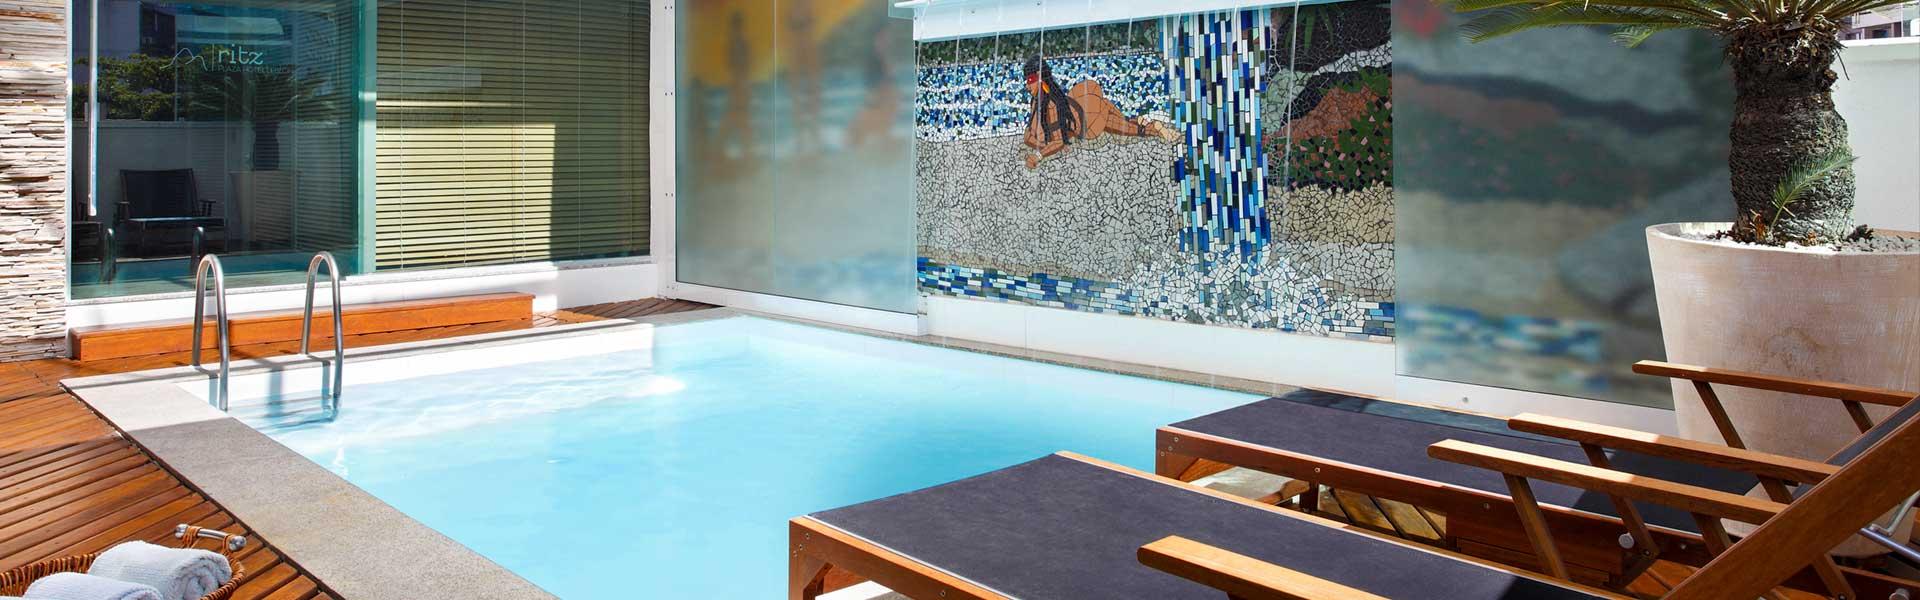 slider-page-ritz-plaza-hotel-leblon-piscina